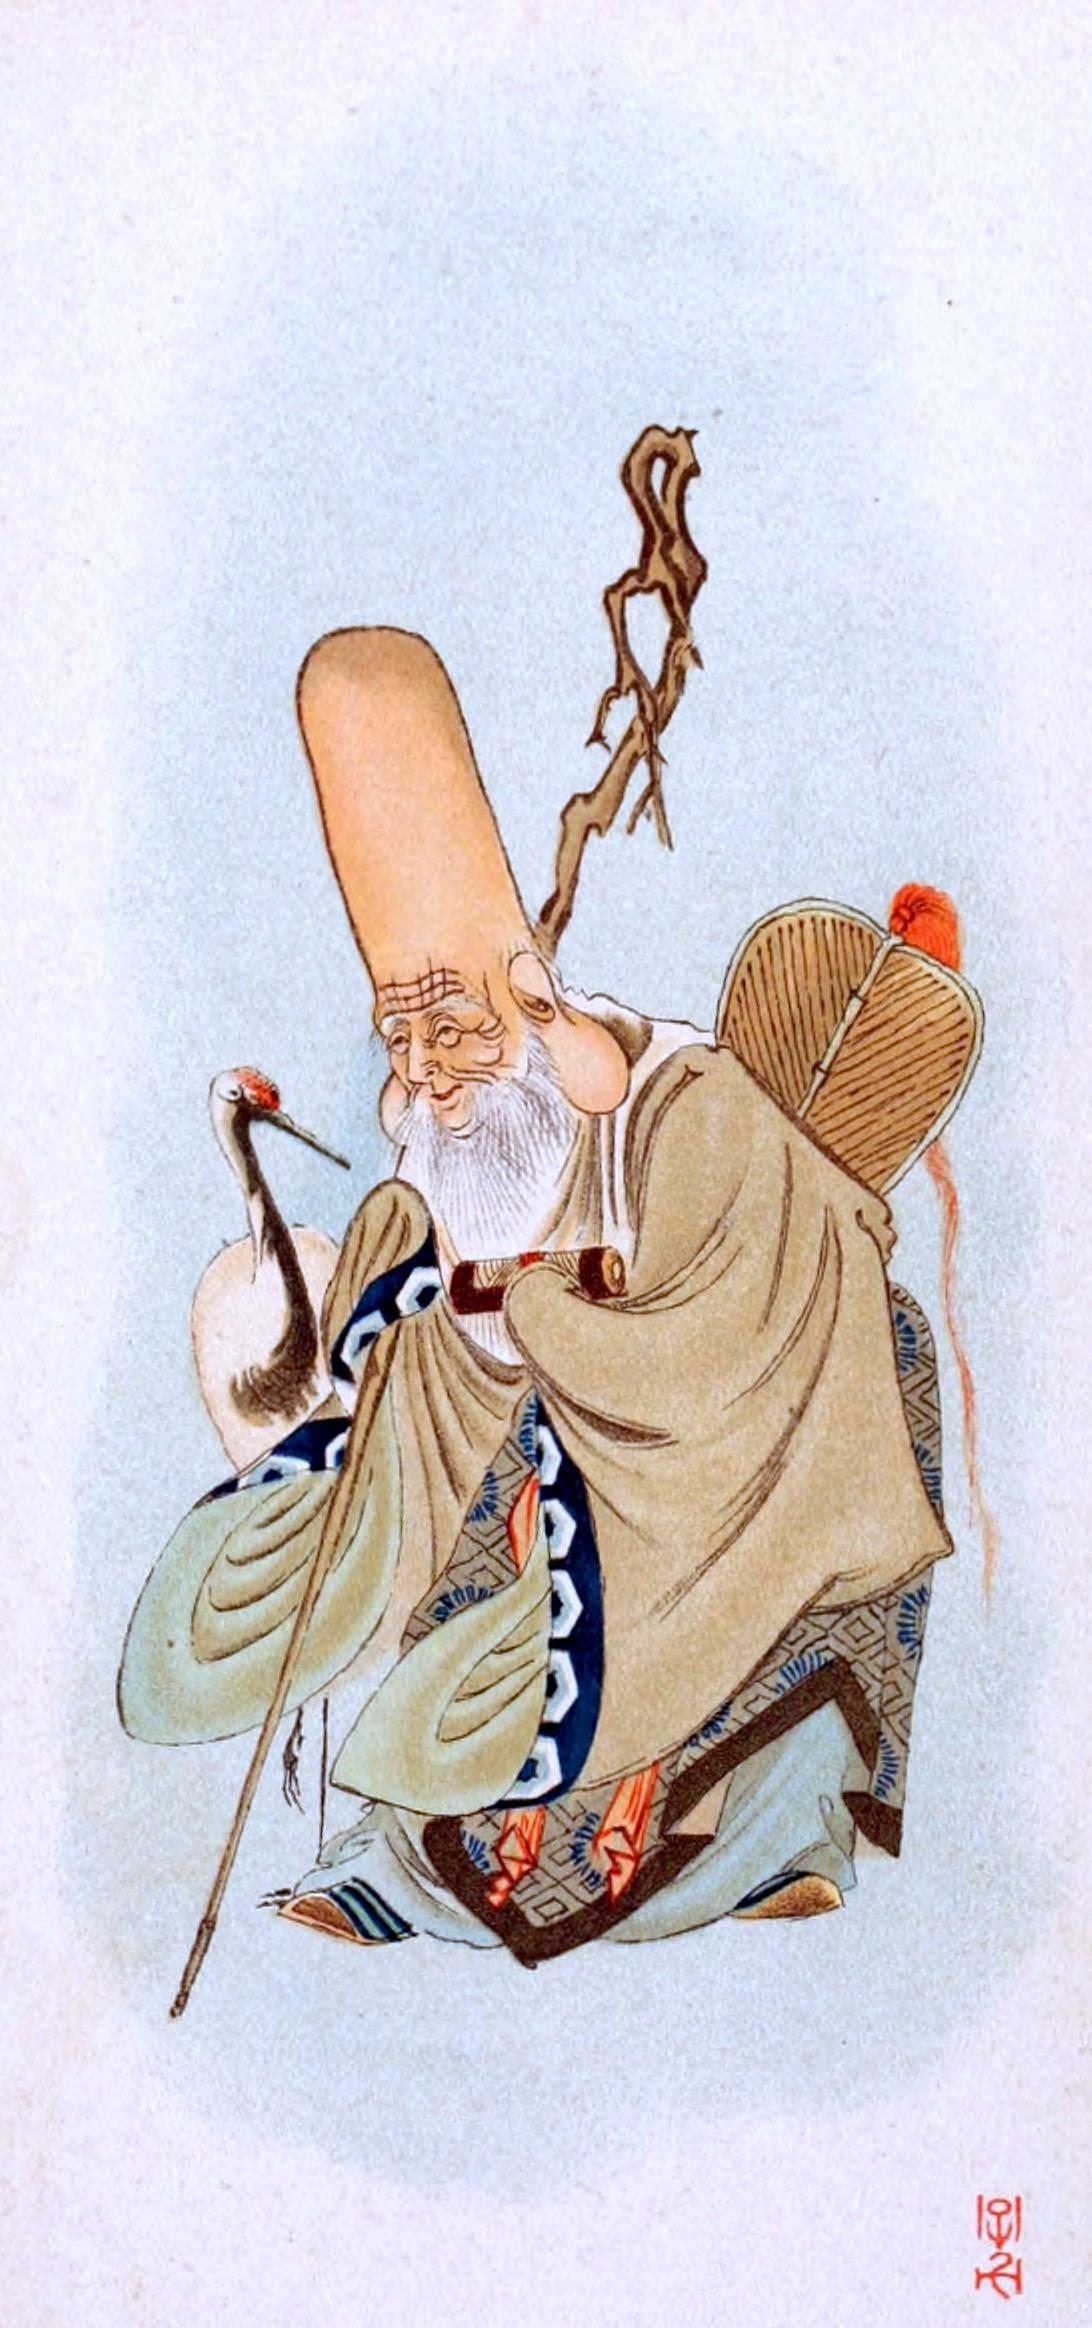 เทพเจ้าแห่งความสุข ฟุกุโรกุยู Fukurokuju - https://tookhuay.com/